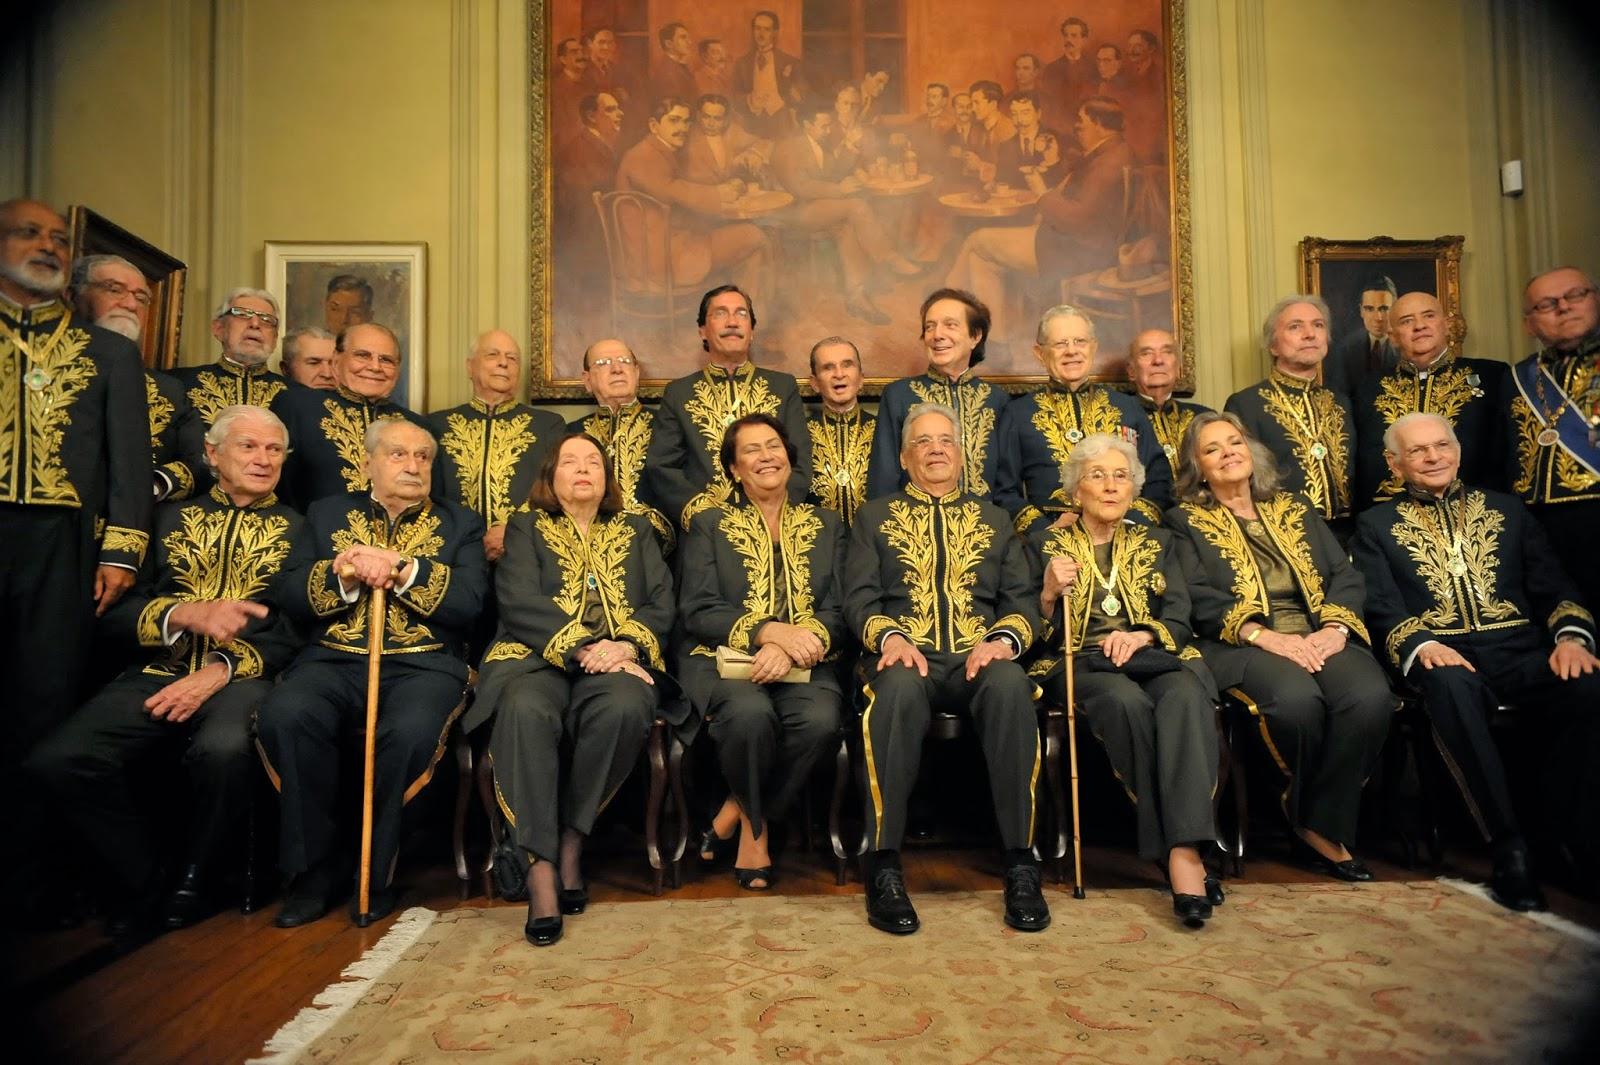 #Academia, Patronos e Membros da Academia Brasileira de Letras